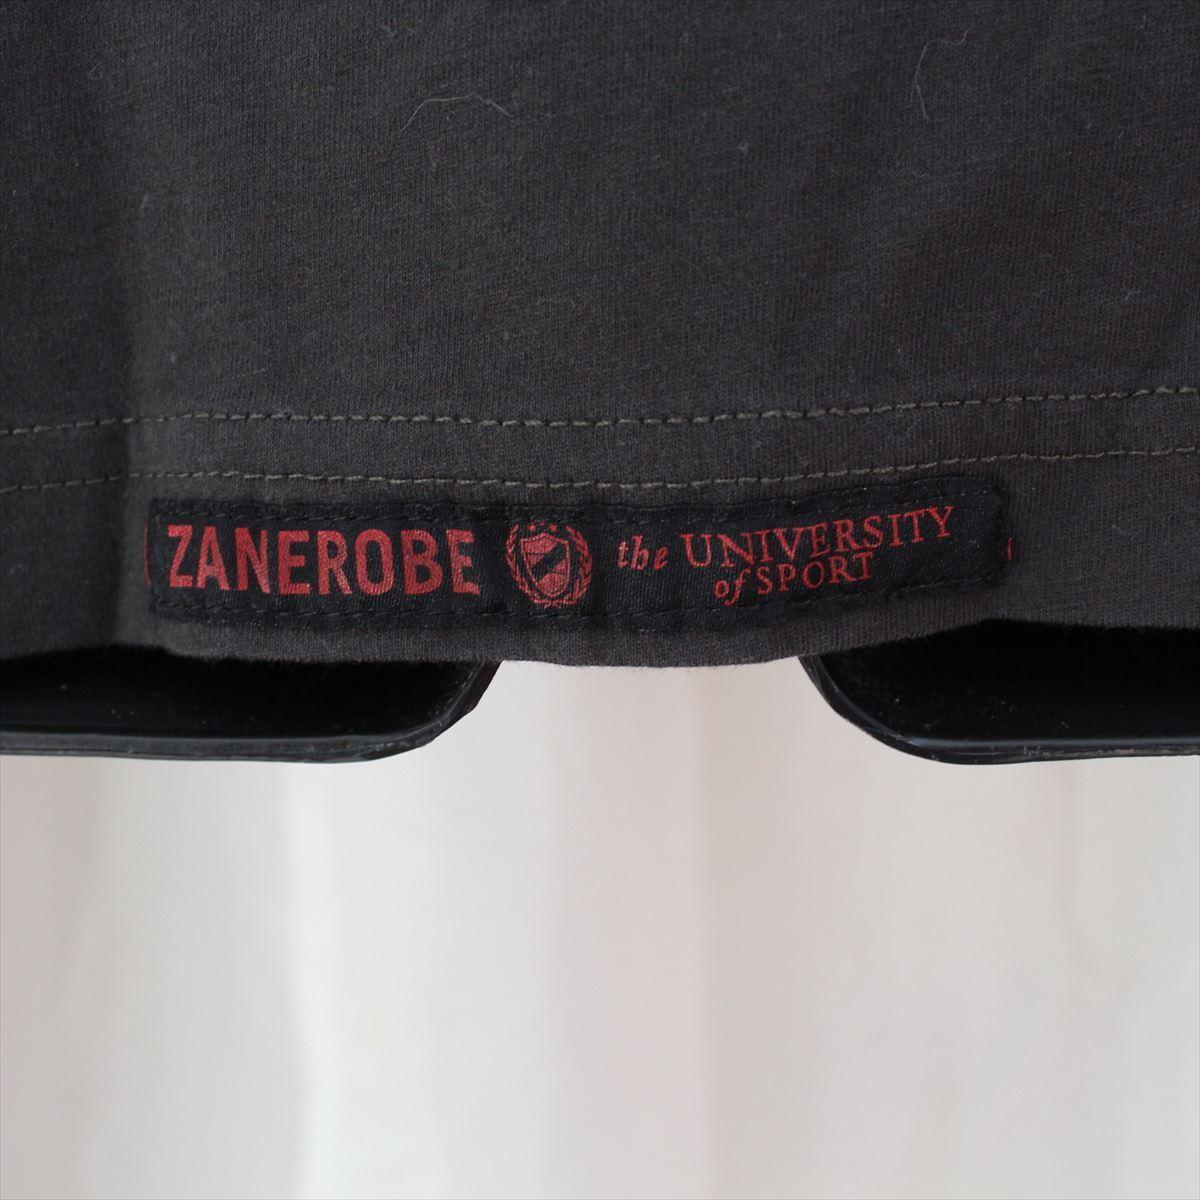 ゼインローブ ZANEROBE メンズ半袖Tシャツ ブラック Lサイズ 新品_画像5